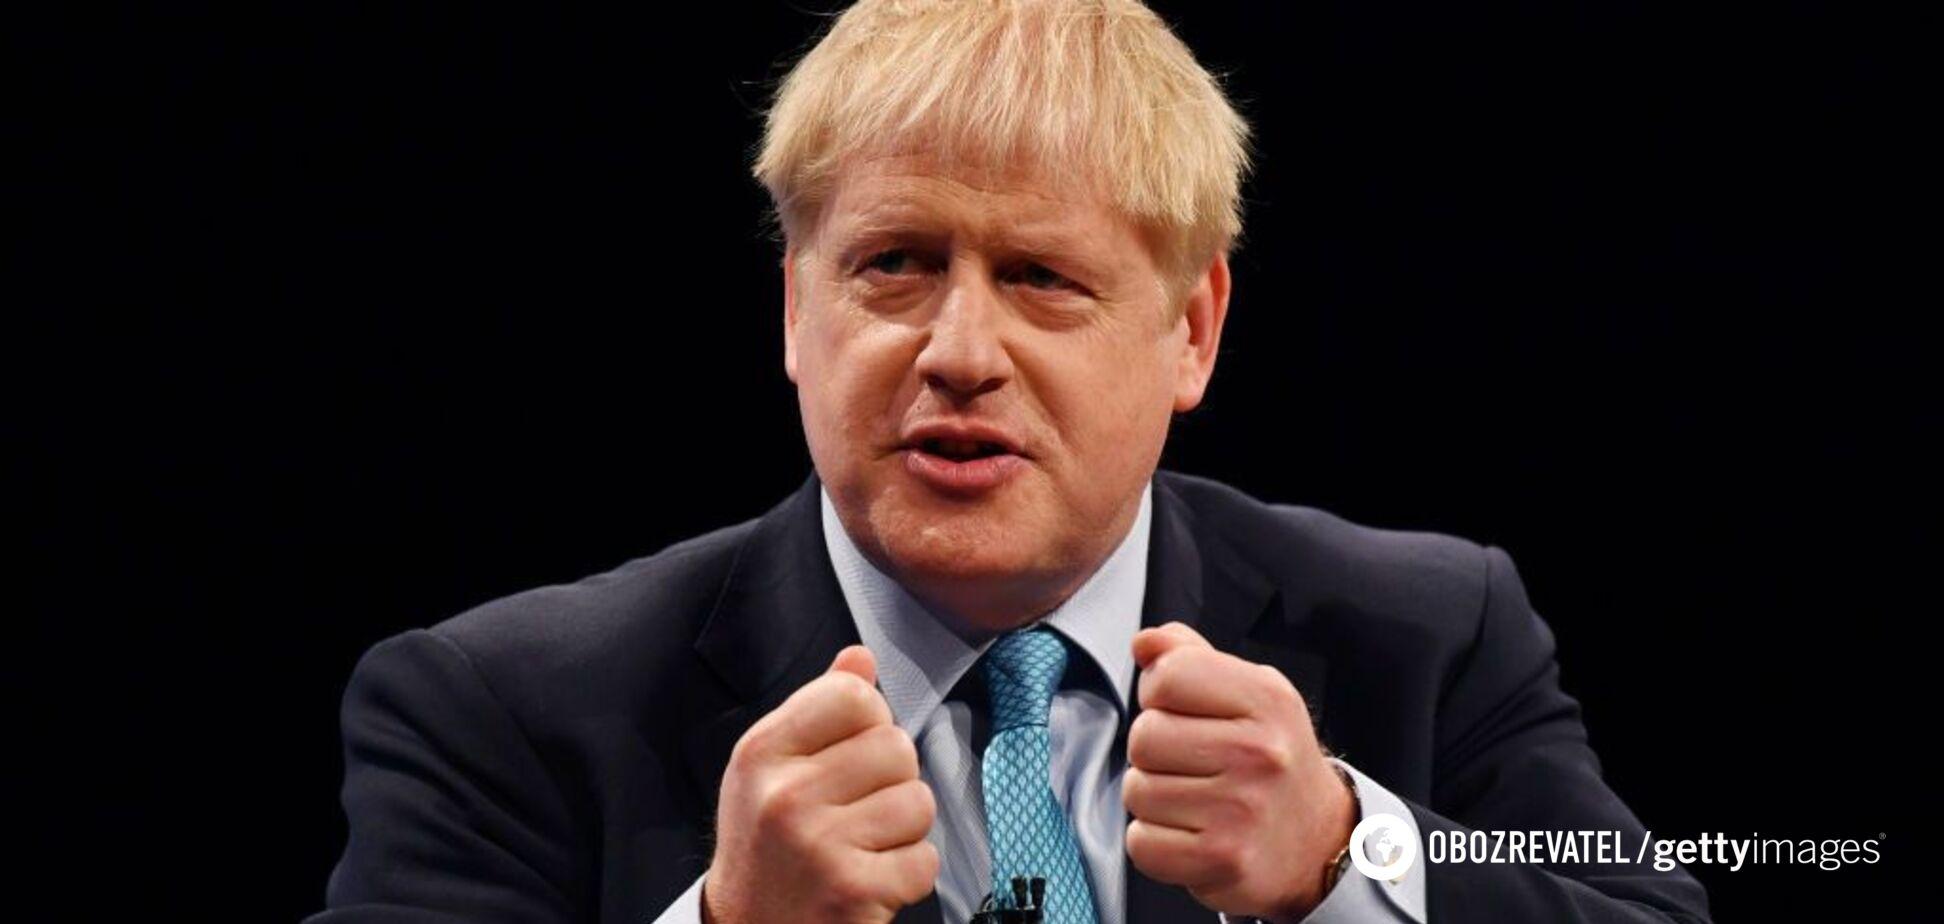 'Цього не повинно бути у вас в руках!' Прем'єр Британії осоромився на людях